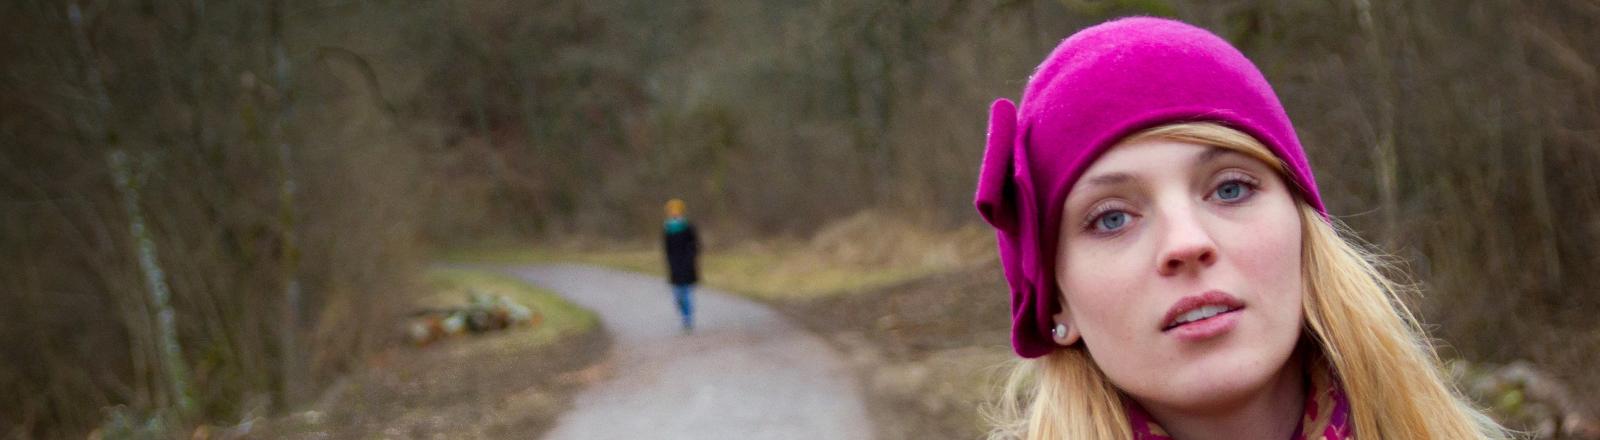 Eine Frau im Wald bei einem Spaziergang. Hinten ist ein mann zu sehen.